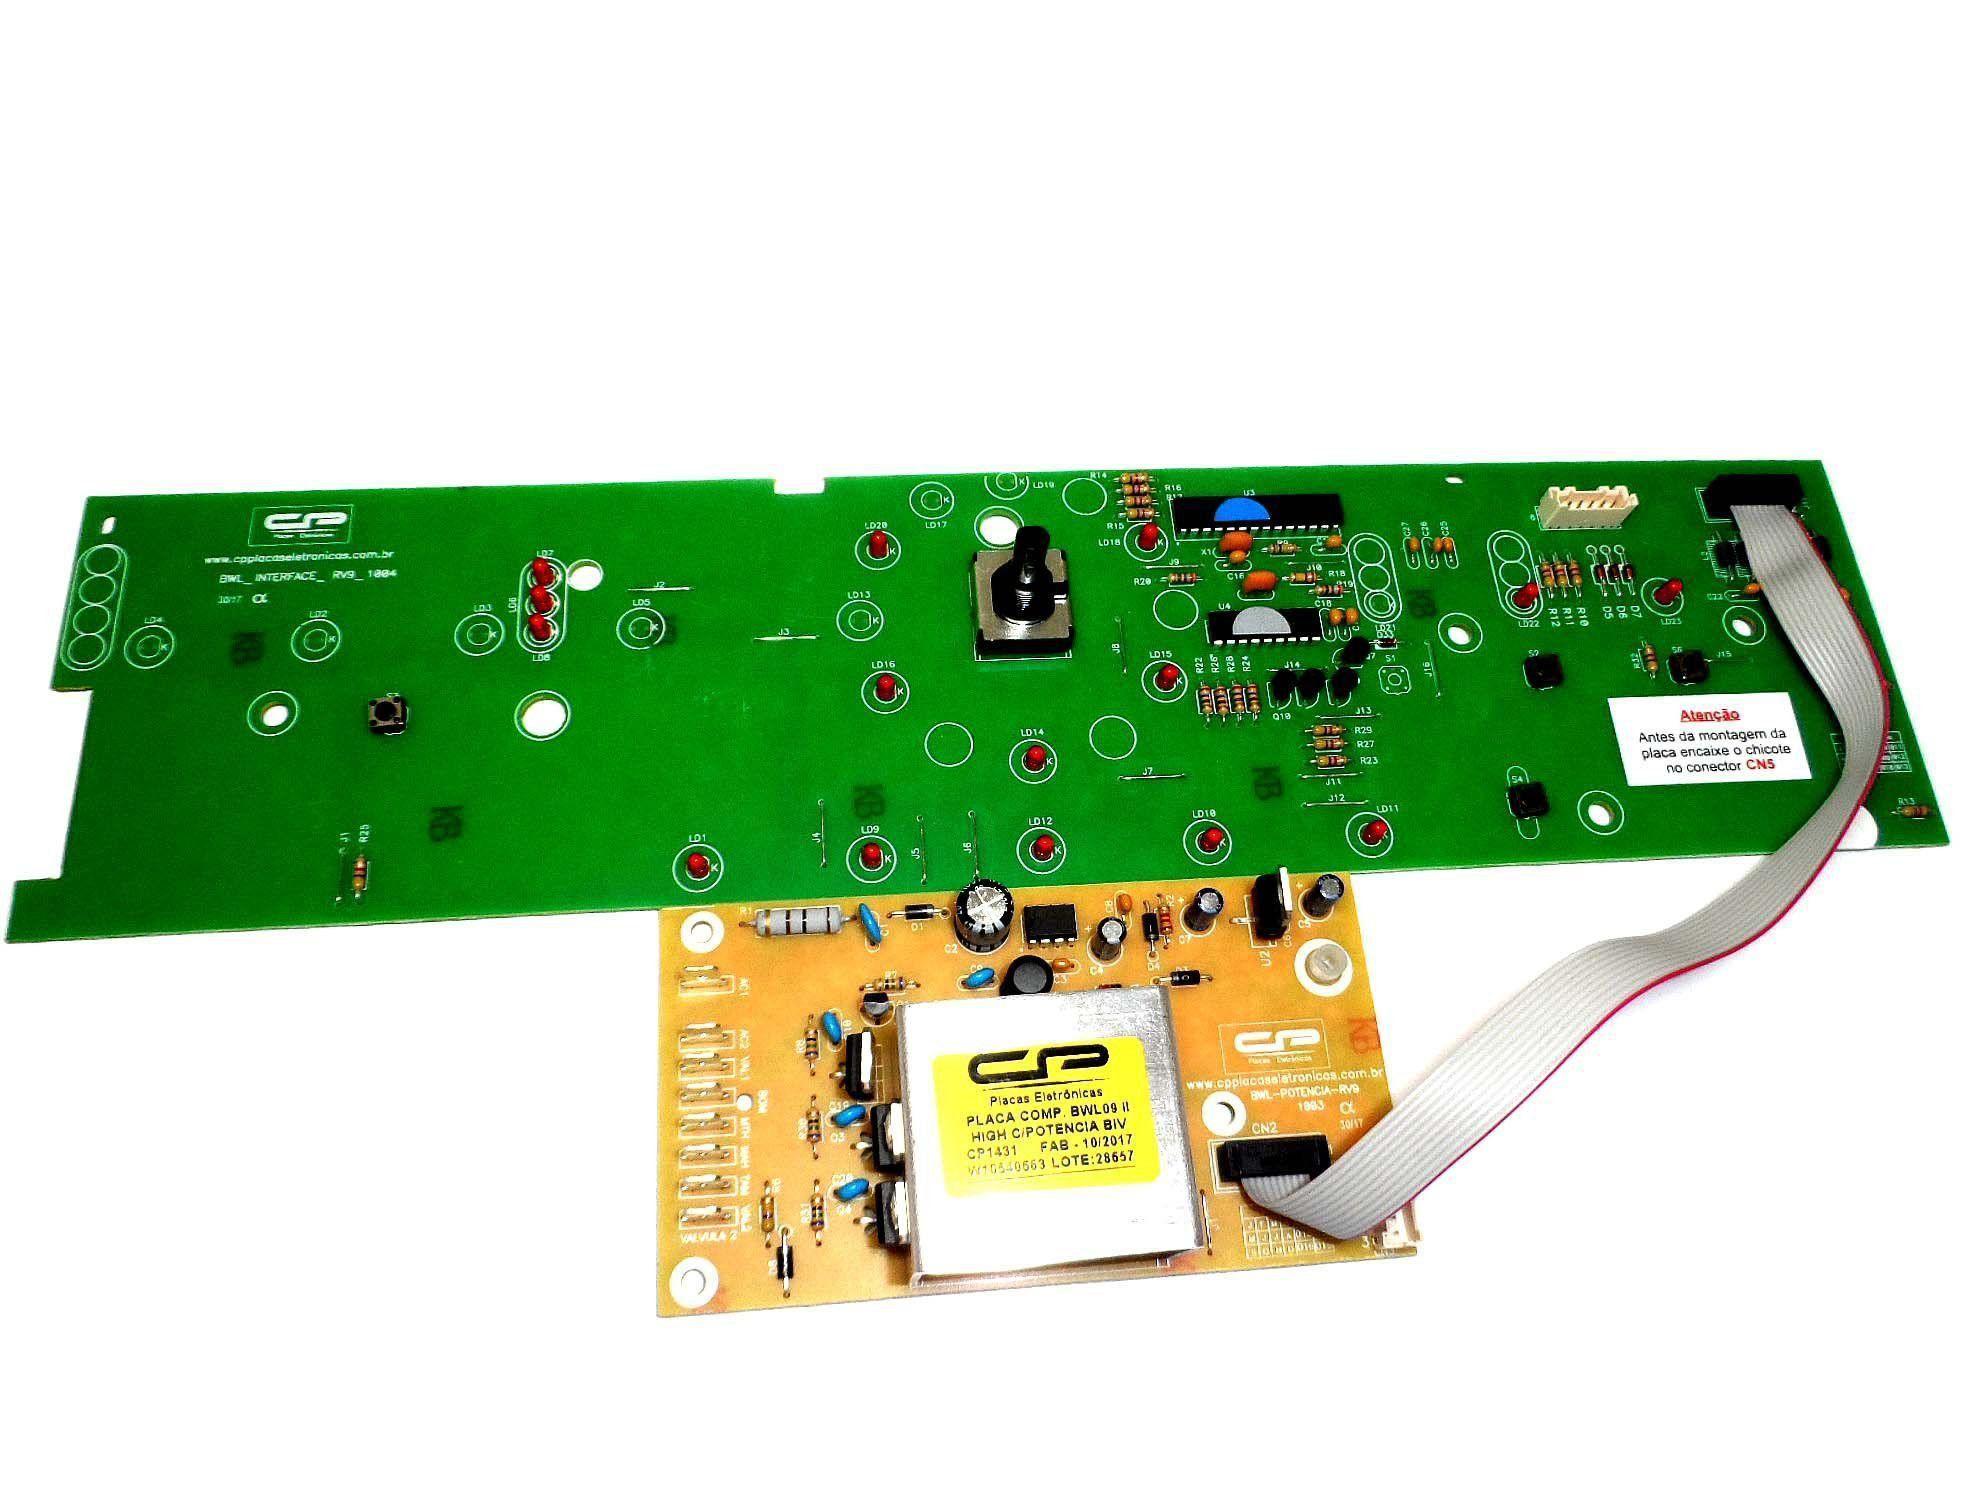 Placa Eletrônica Potência Interface Lavadora Brastemp W10356418 C.P